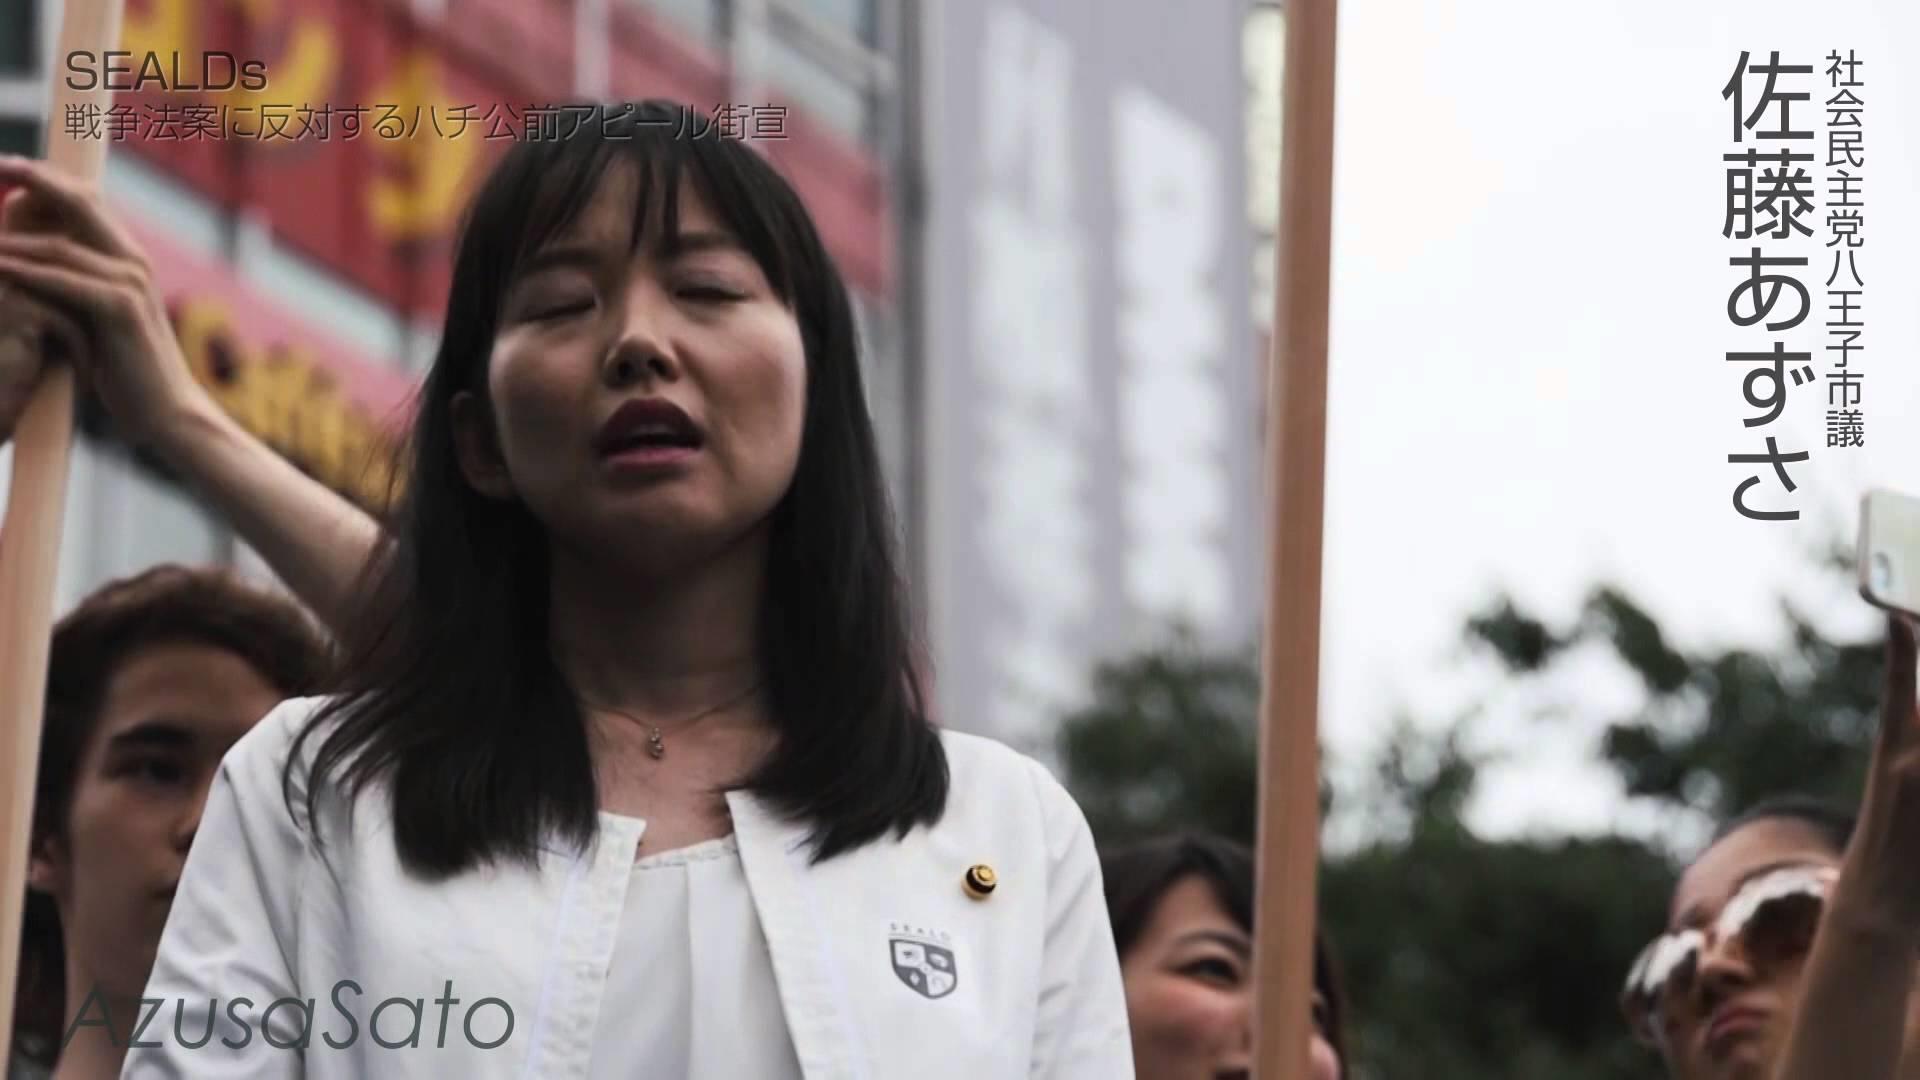 社民女性議員「顔で受かったんだから仕方ないと言われる、とても勇気がいる、でも書いて残しておきたい」